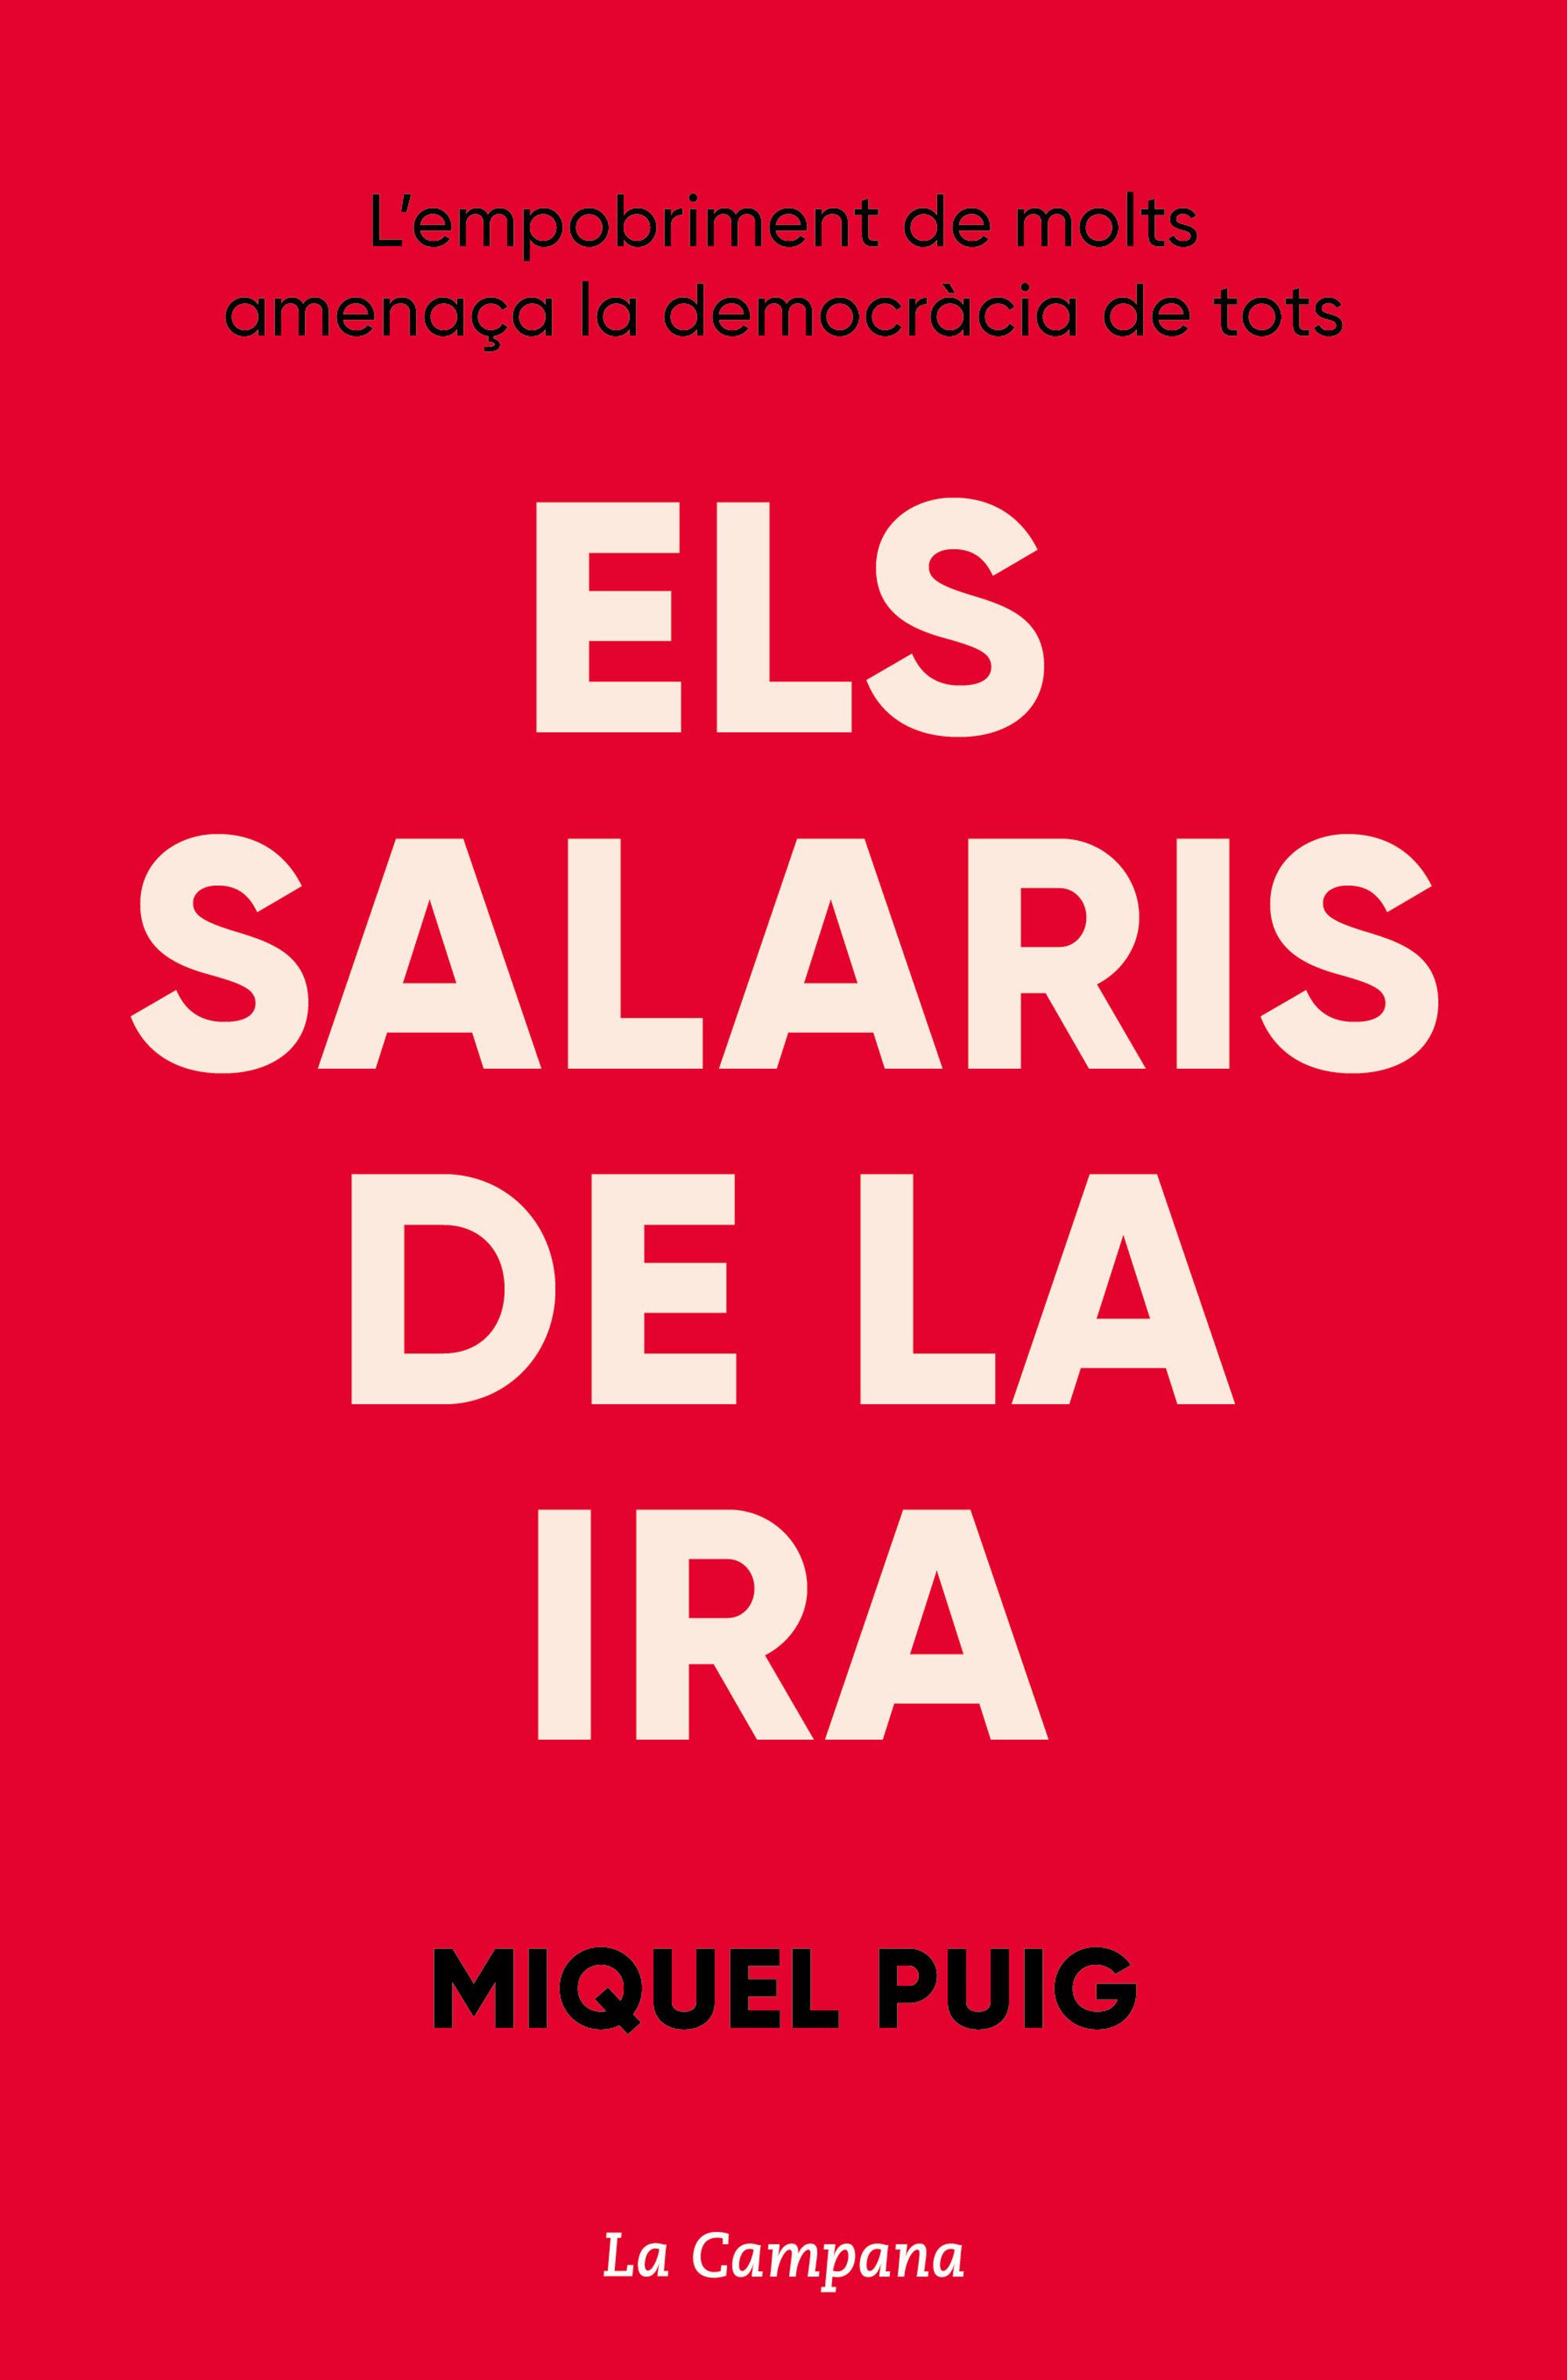 SALARIS DE LA IRA ELS